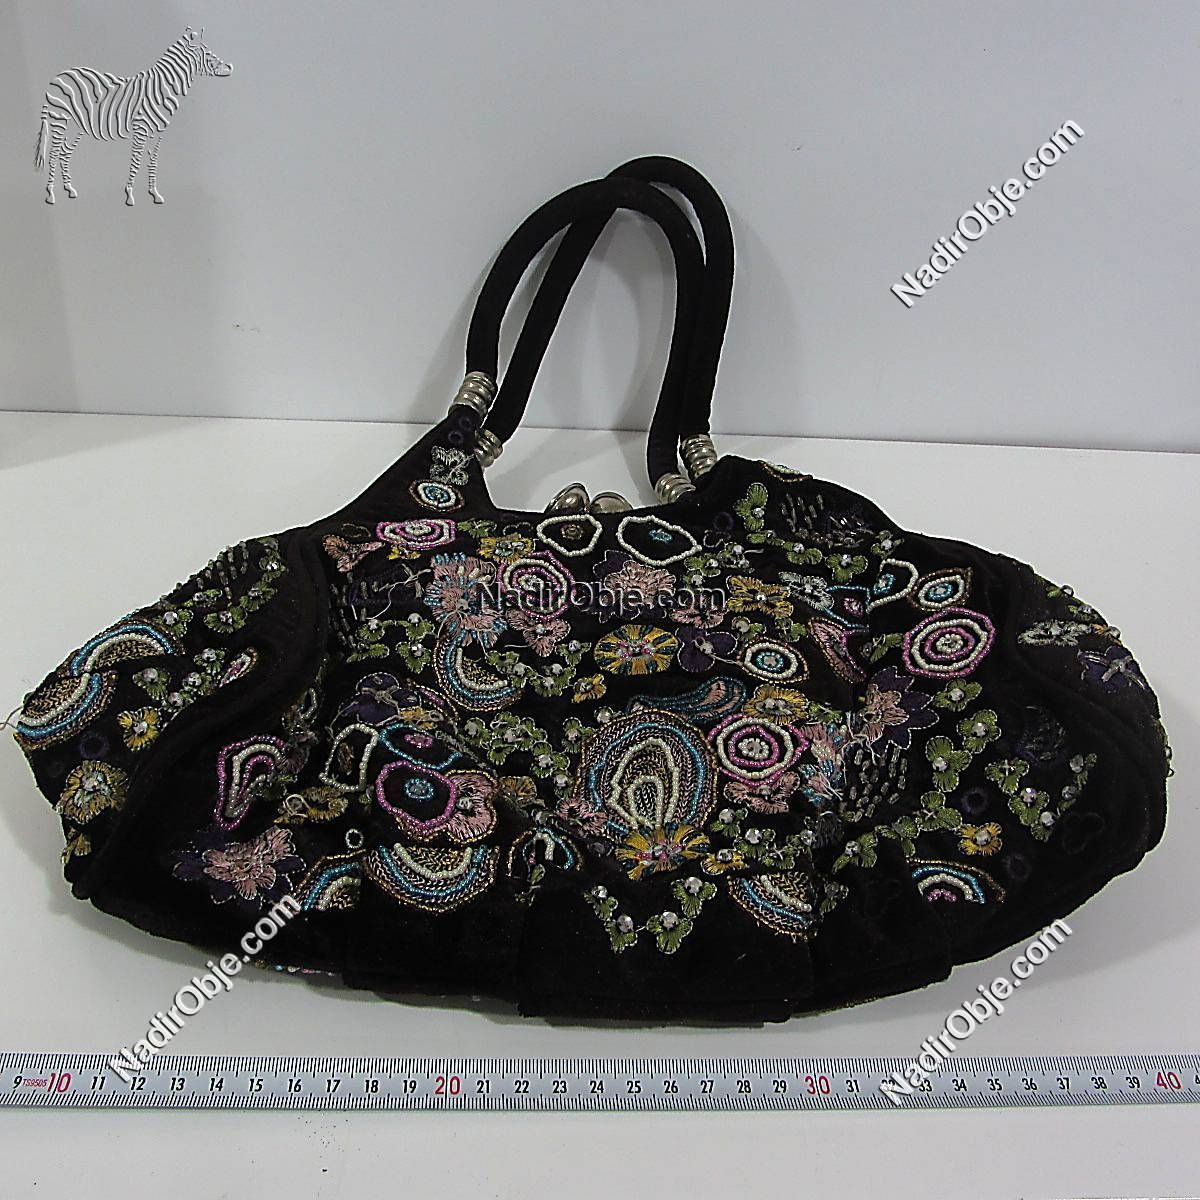 Boncuk İşlemeli Çanta Deri-Kumaş-Tekstil Boncuk